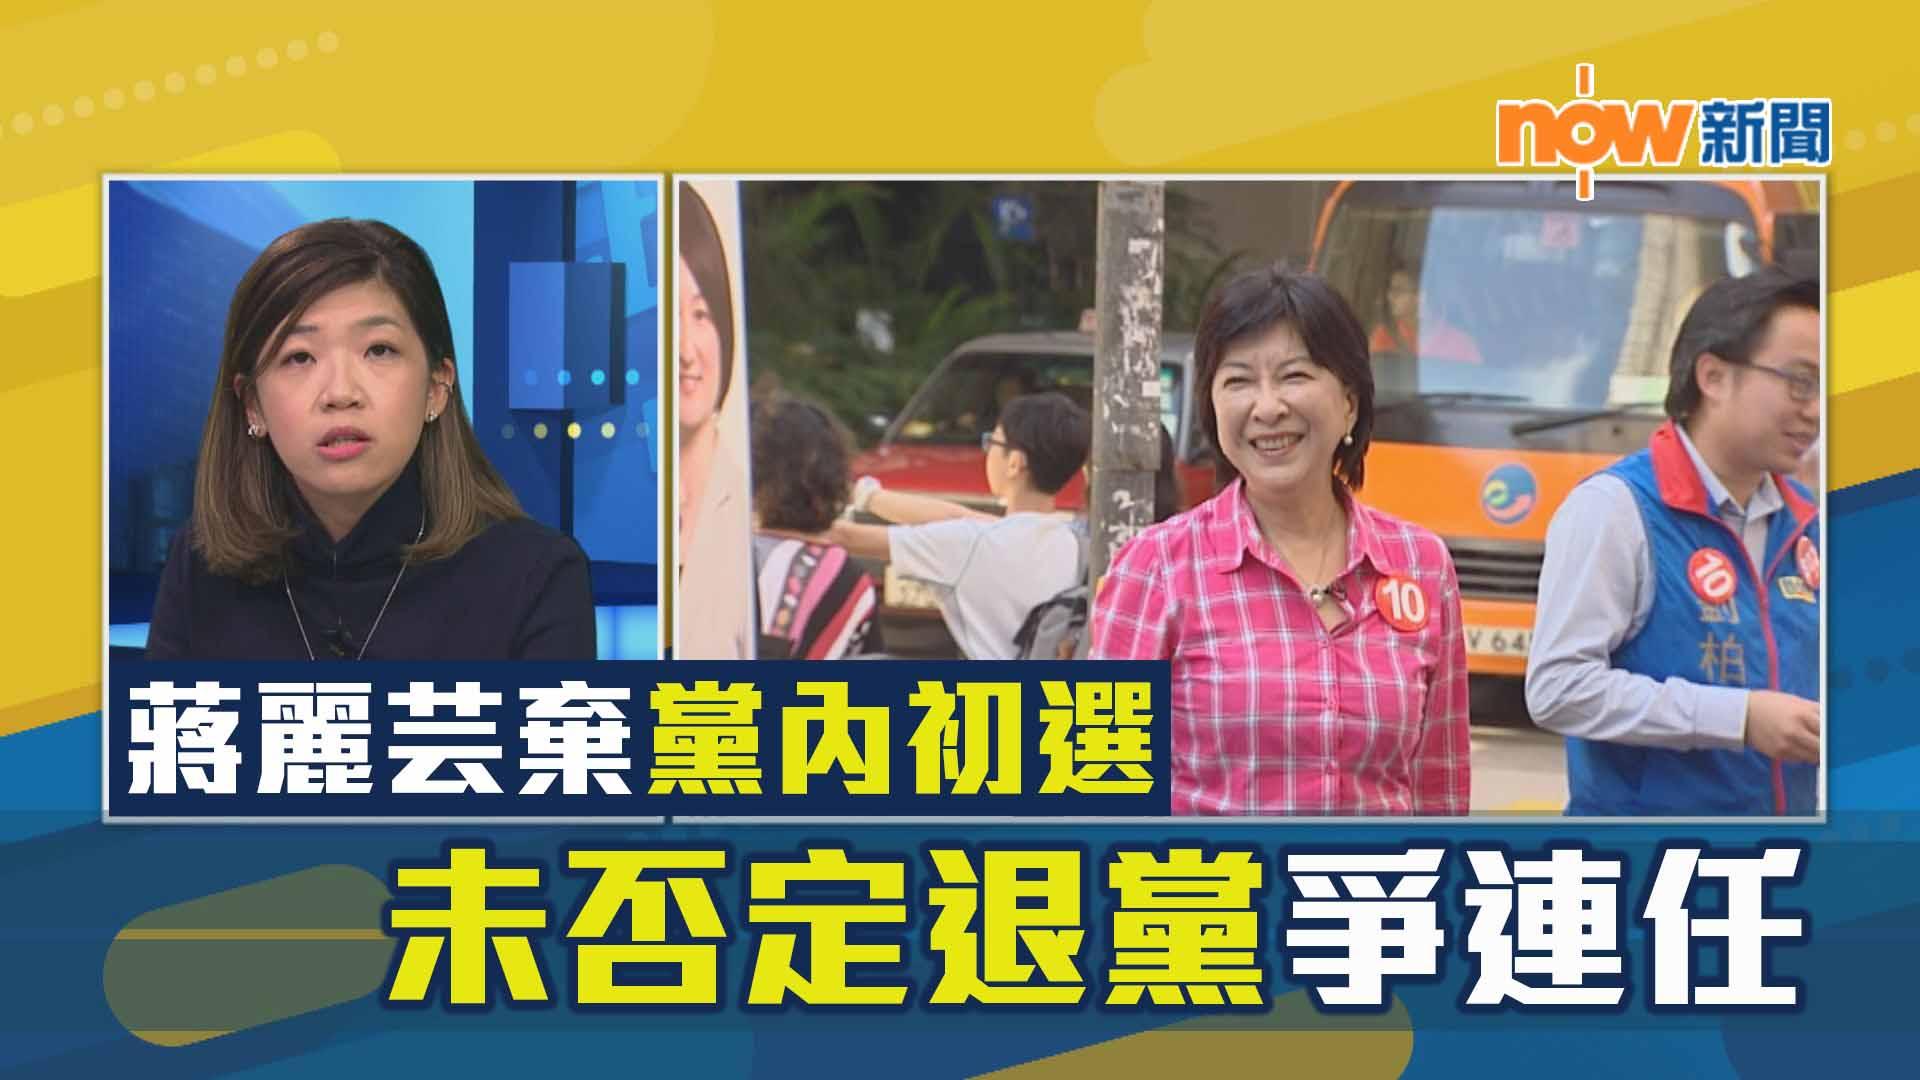 【政情】蔣麗芸棄黨內初選 未否定退黨爭連任